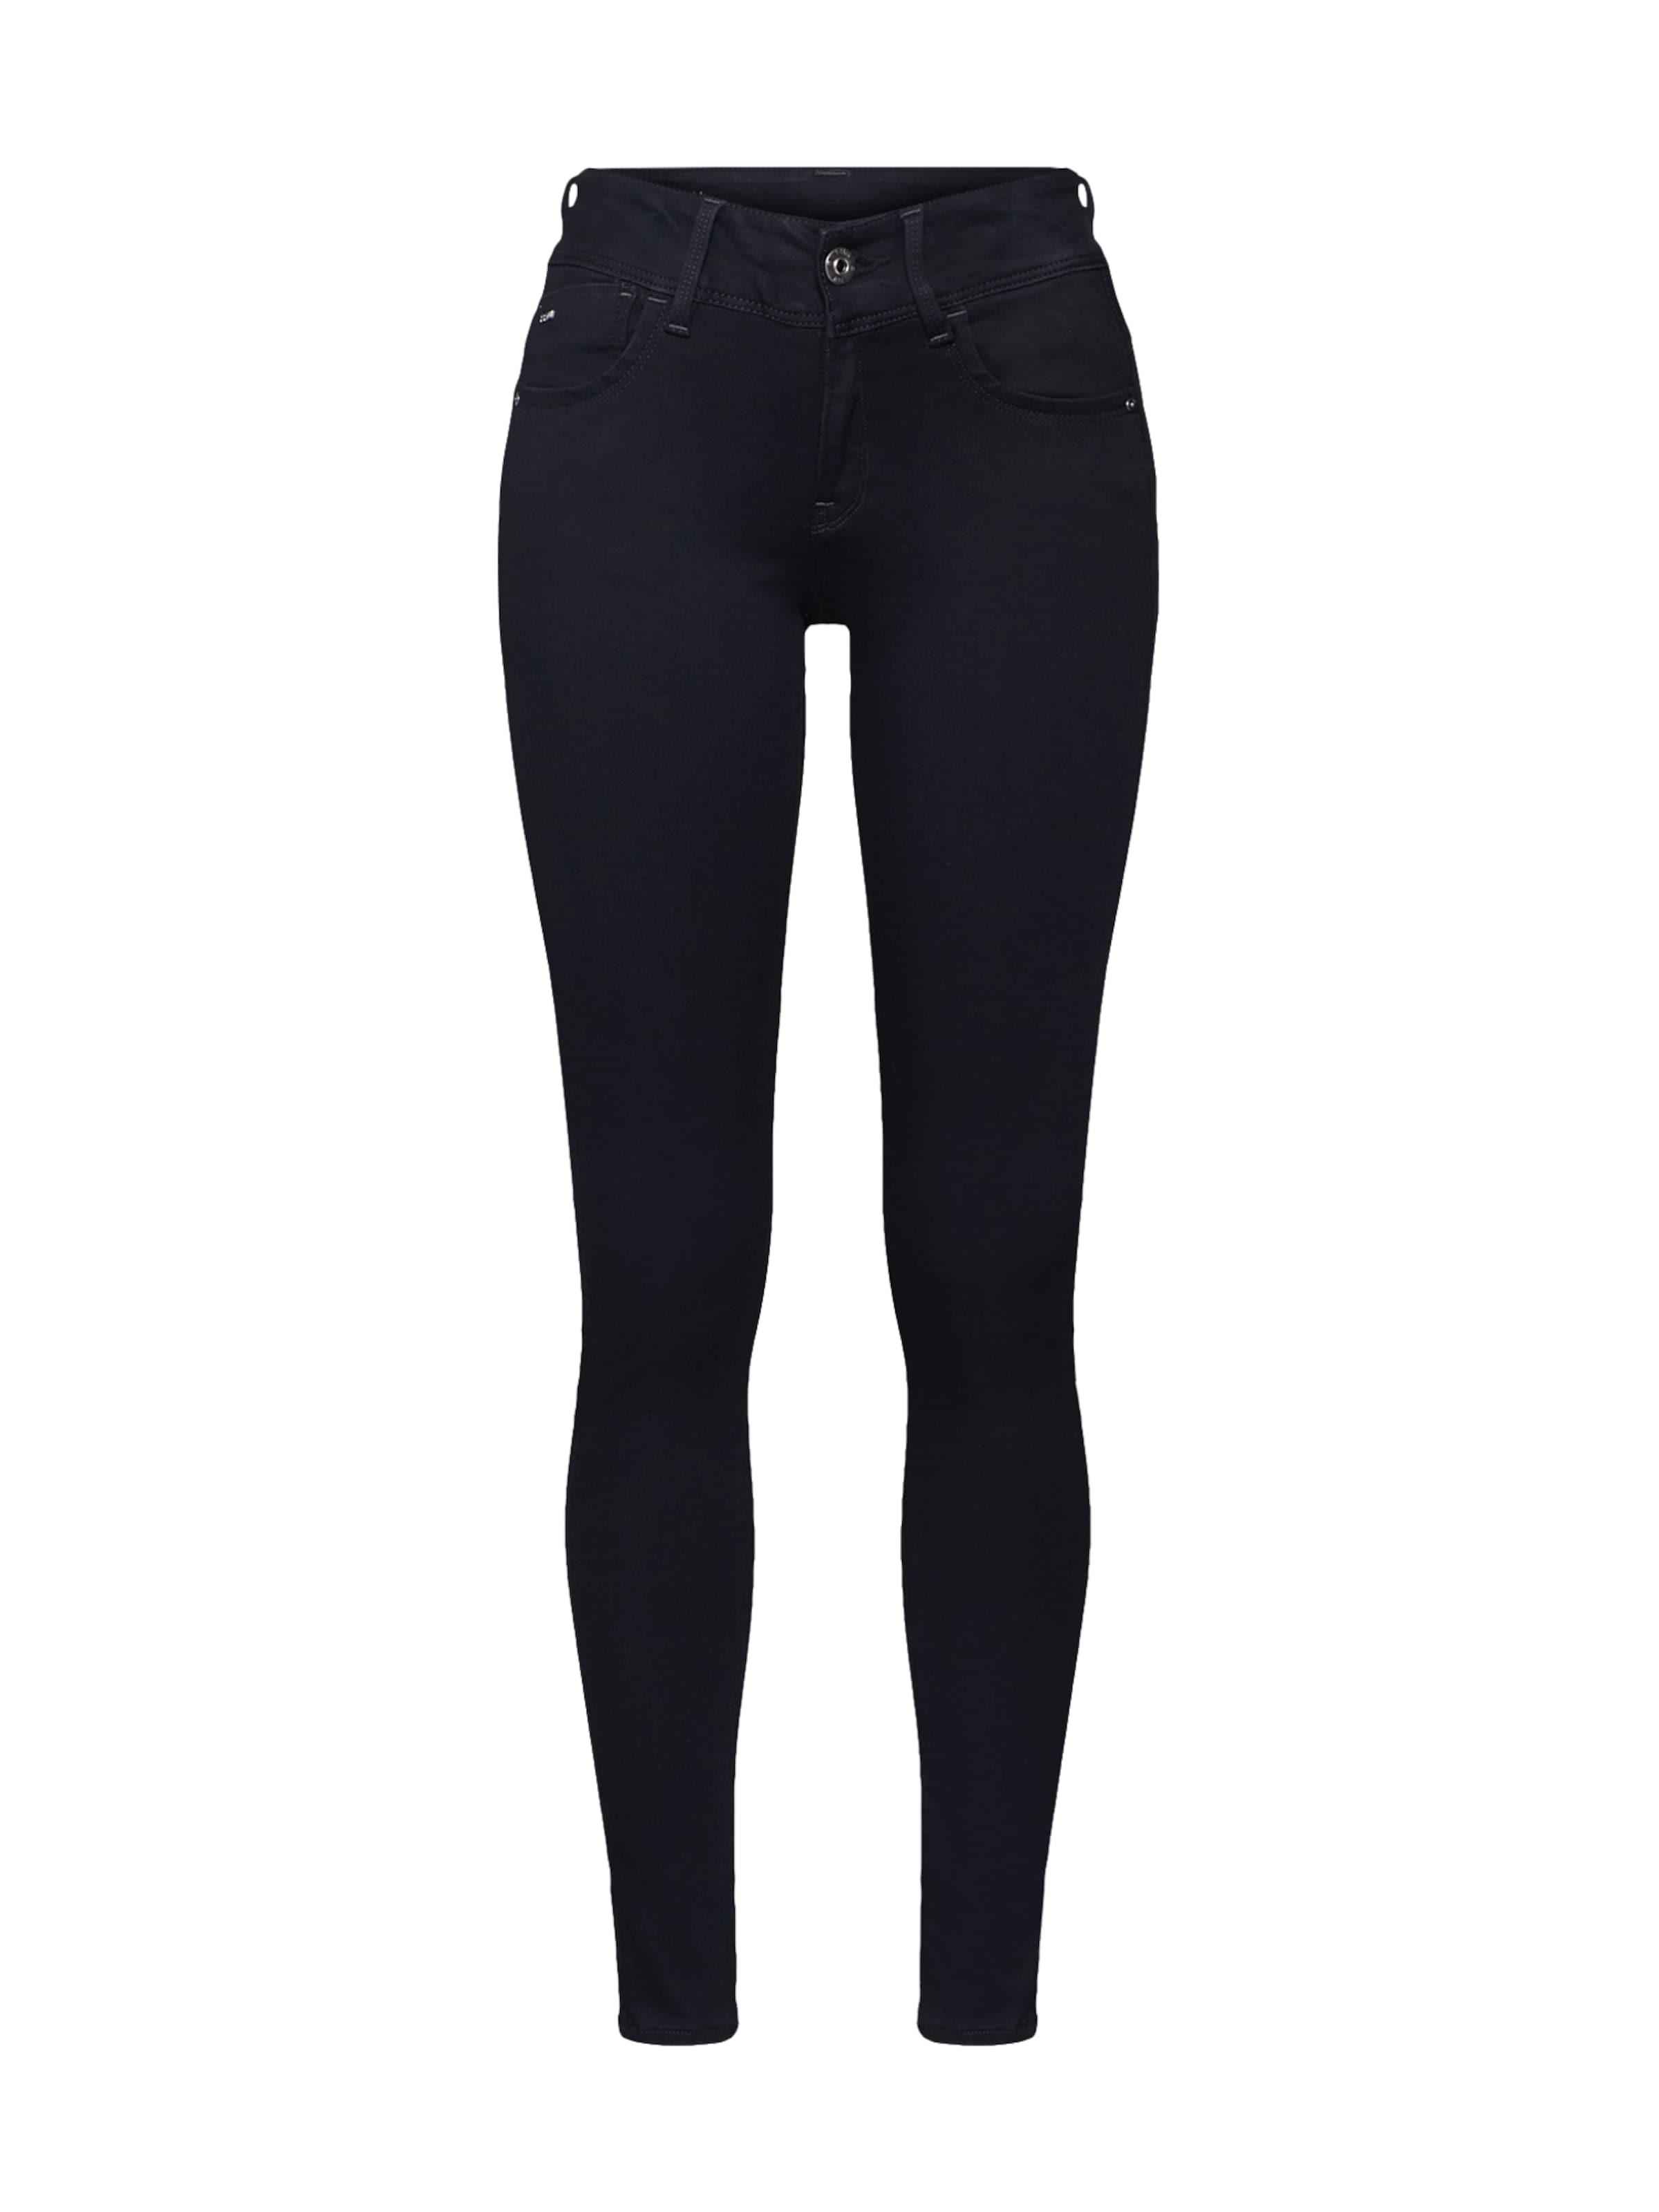 Jeans star 'lynn' Denim In Black G Raw yYb6g7f